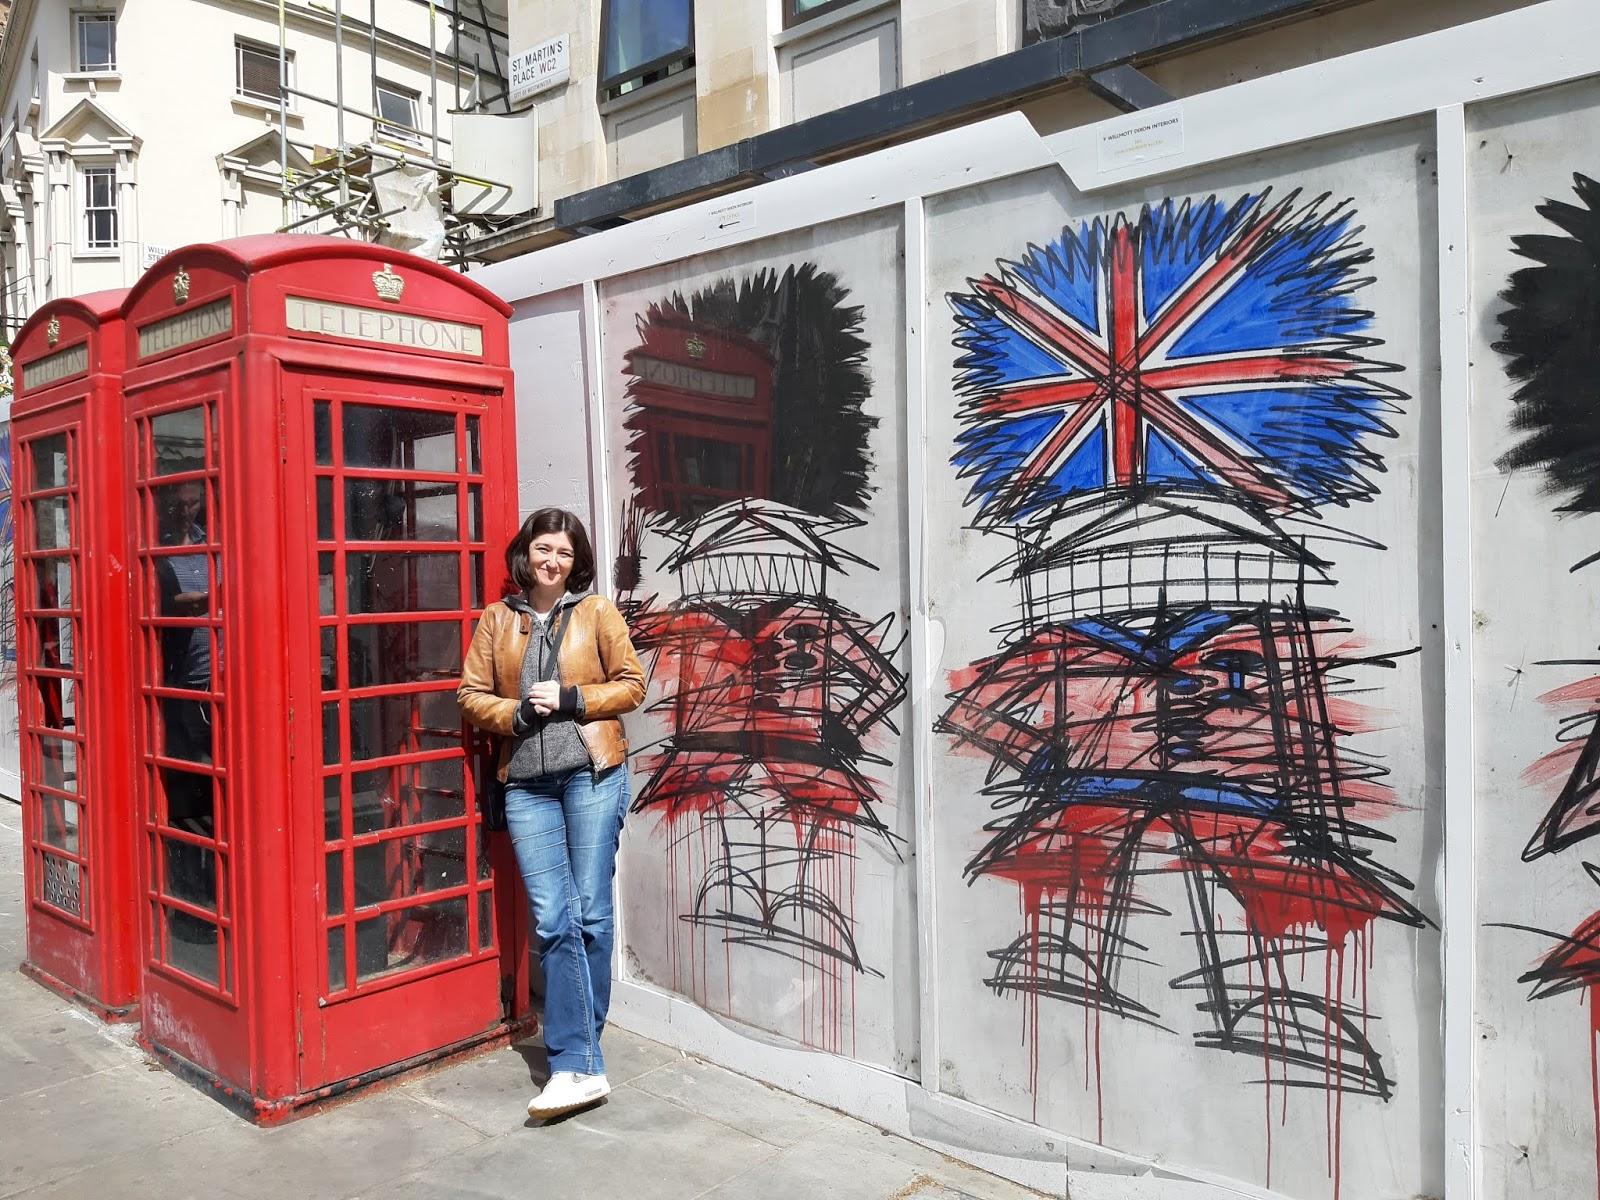 crvenokosa iz Londona dizajn kuke instrumenta